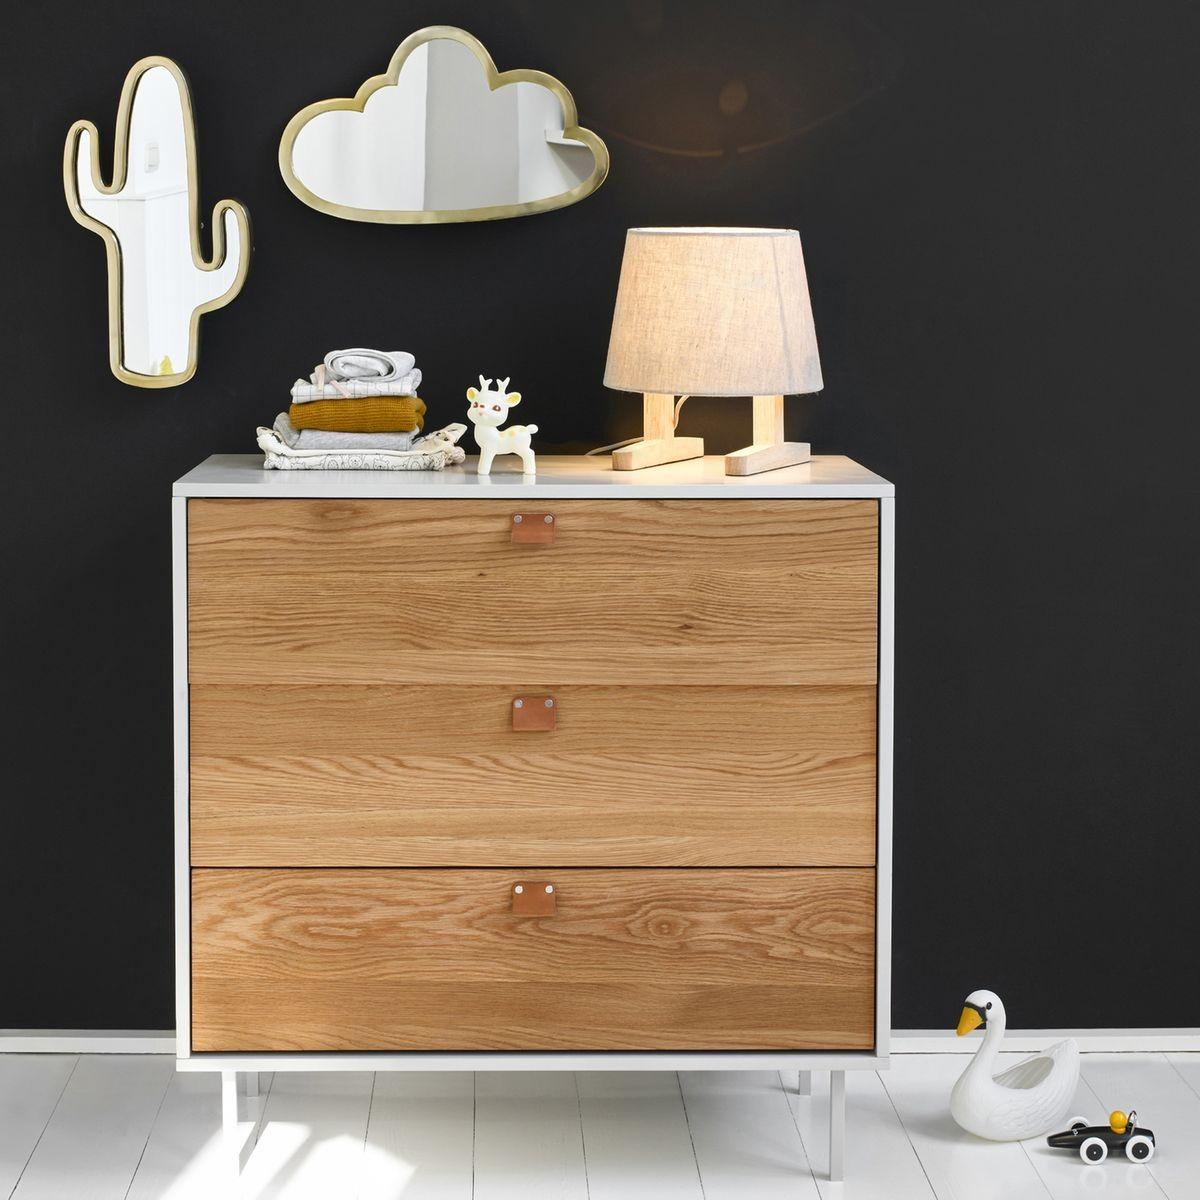 3 miroirs originaux pour une chambre d'enfant (cactus, nuage, tipi)